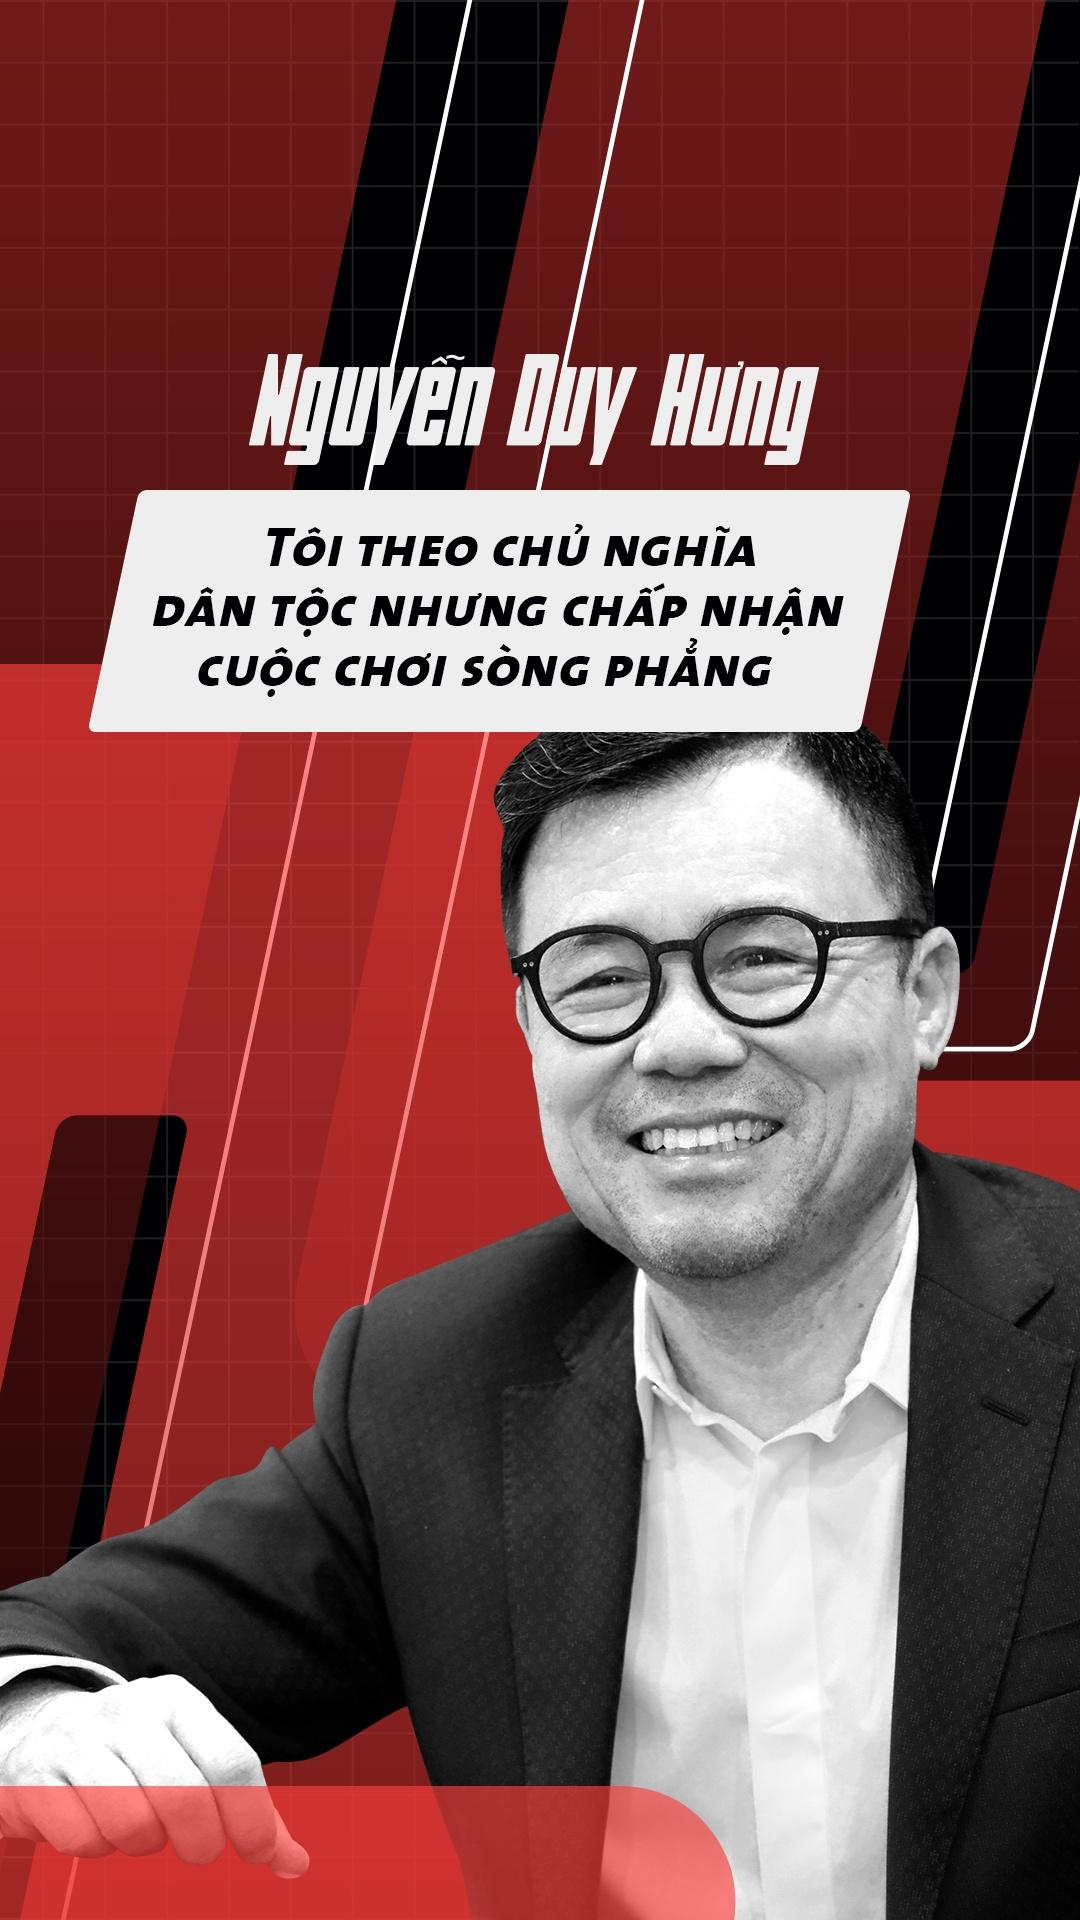 'Toi theo chu nghia dan toc nhung chap nhan cuoc choi song phang' hinh anh 1